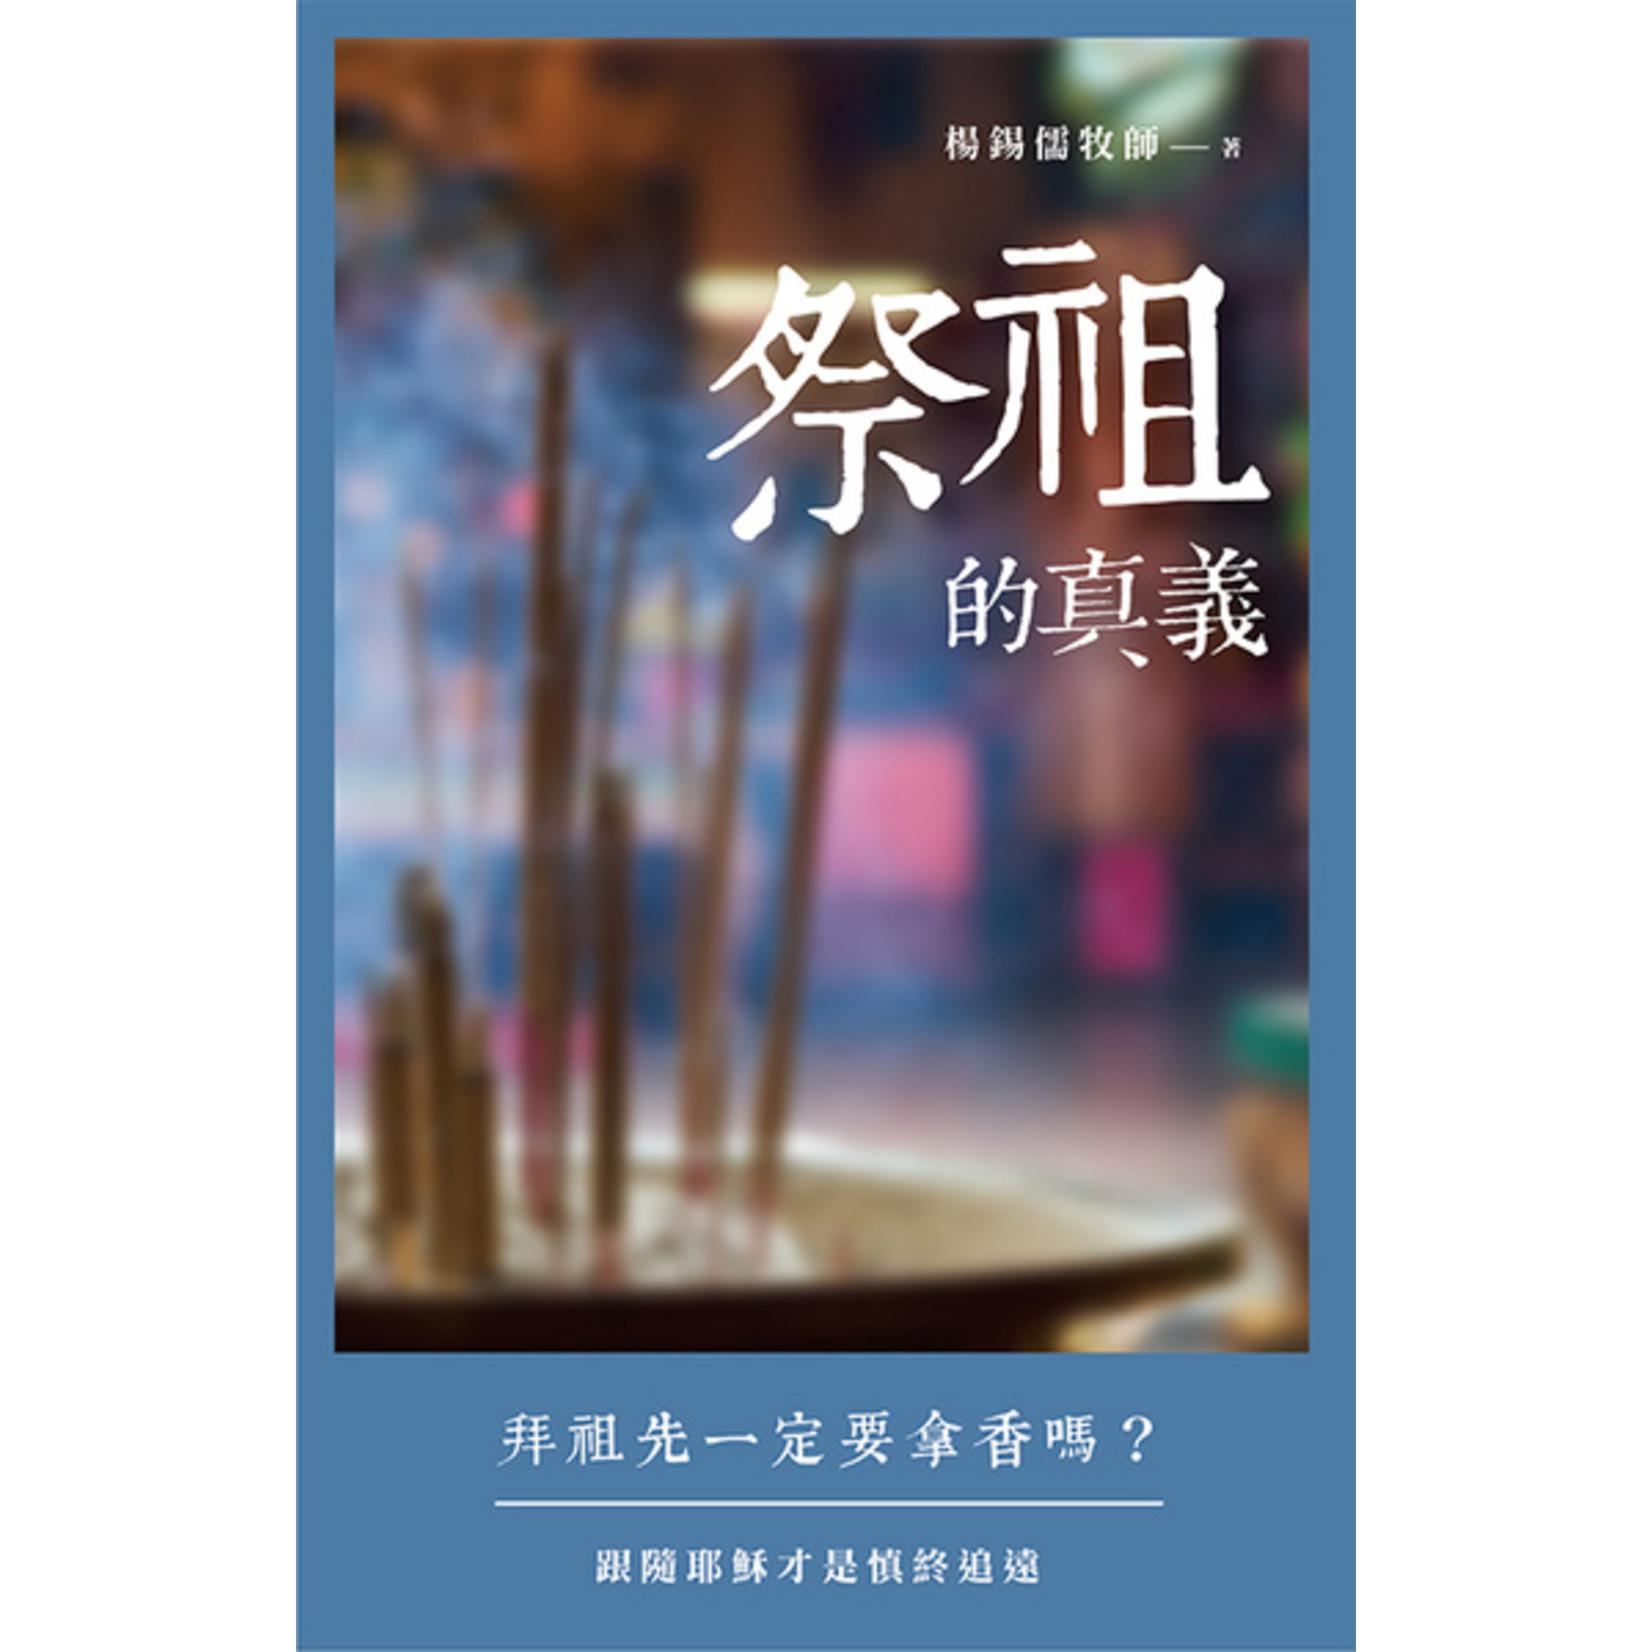 道聲 Taosheng Taiwan 祭祖的真義:拜祖先一定要拿香嗎?